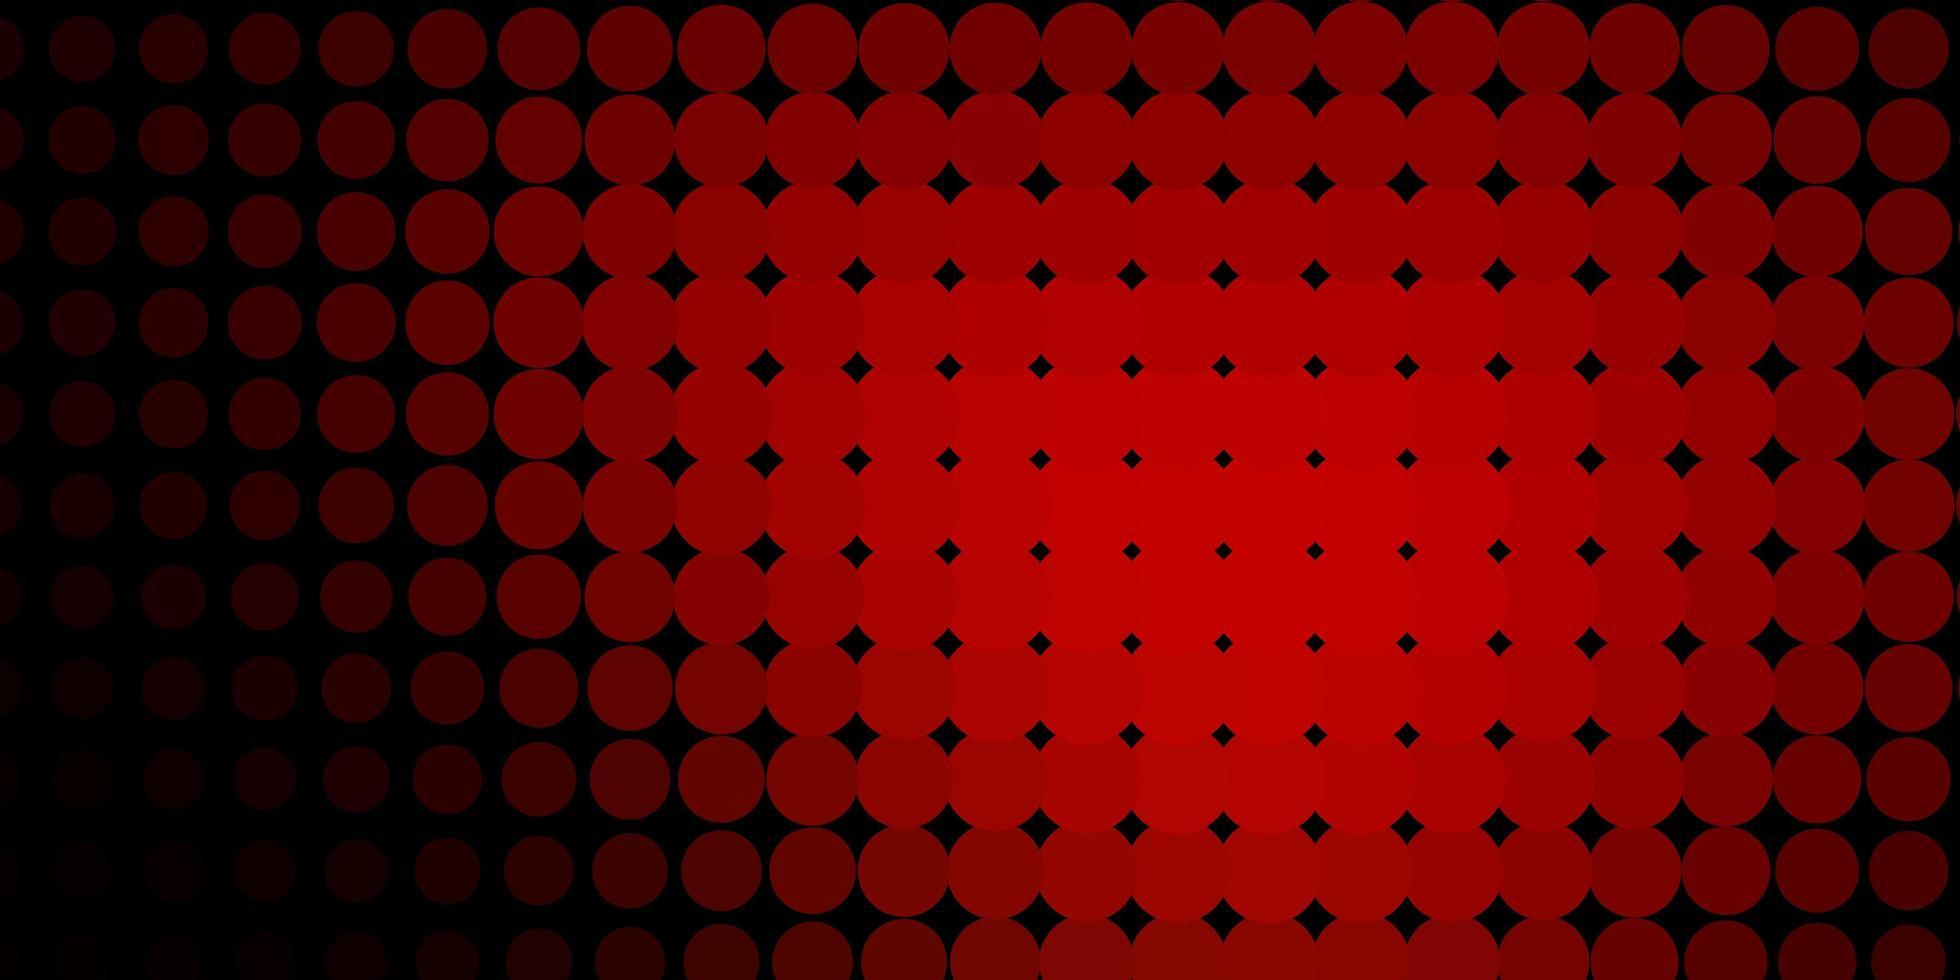 mörk röd bakgrund med cirklar. vektor